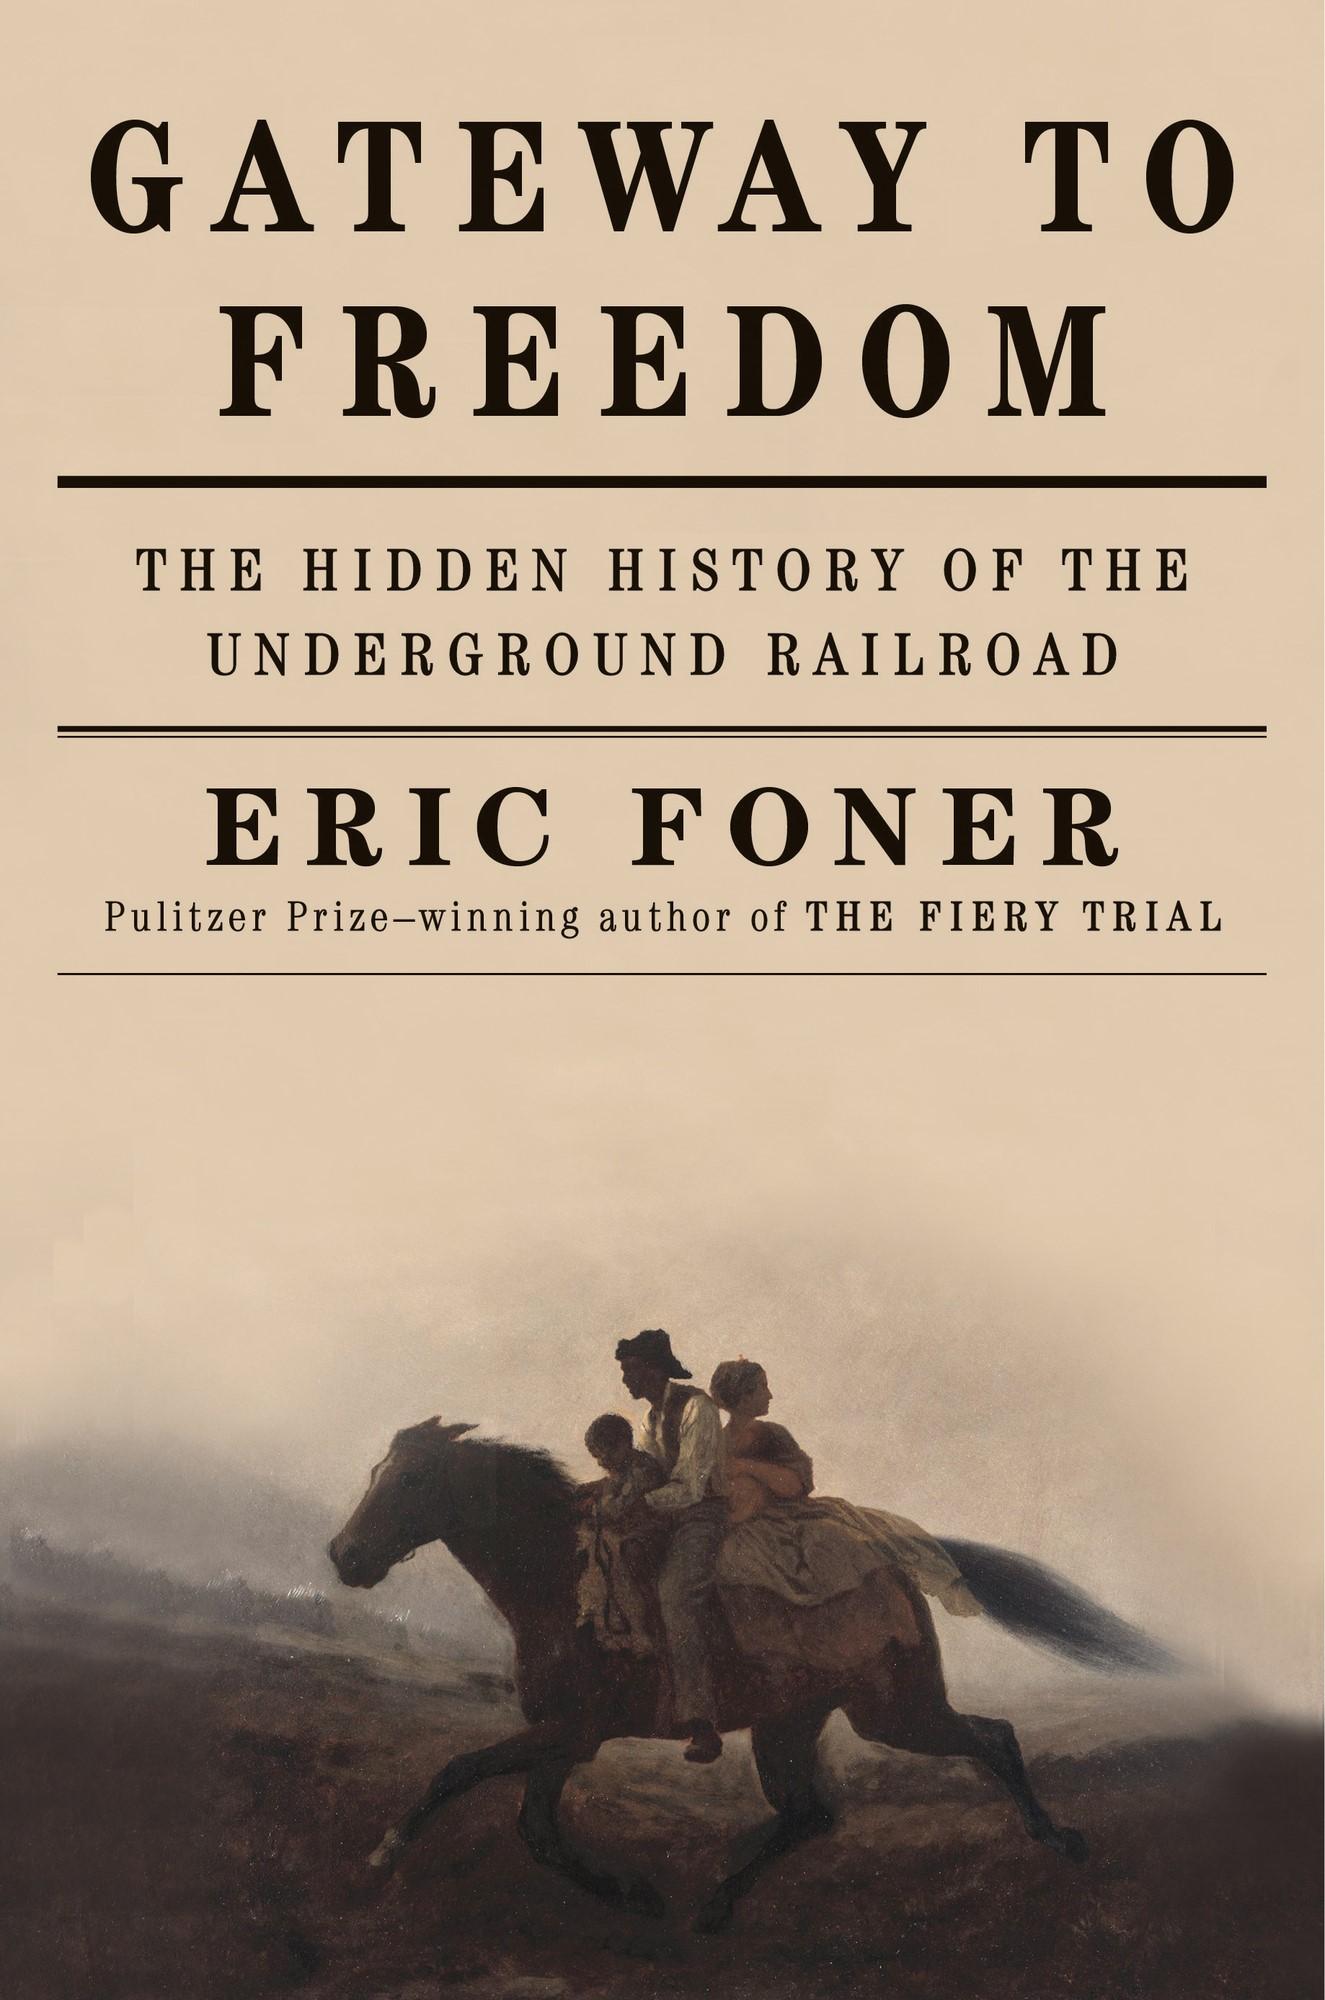 Bayou Bend / Rienzi History Book Club cover 2017-18 / Gateway to Freedom, Foner